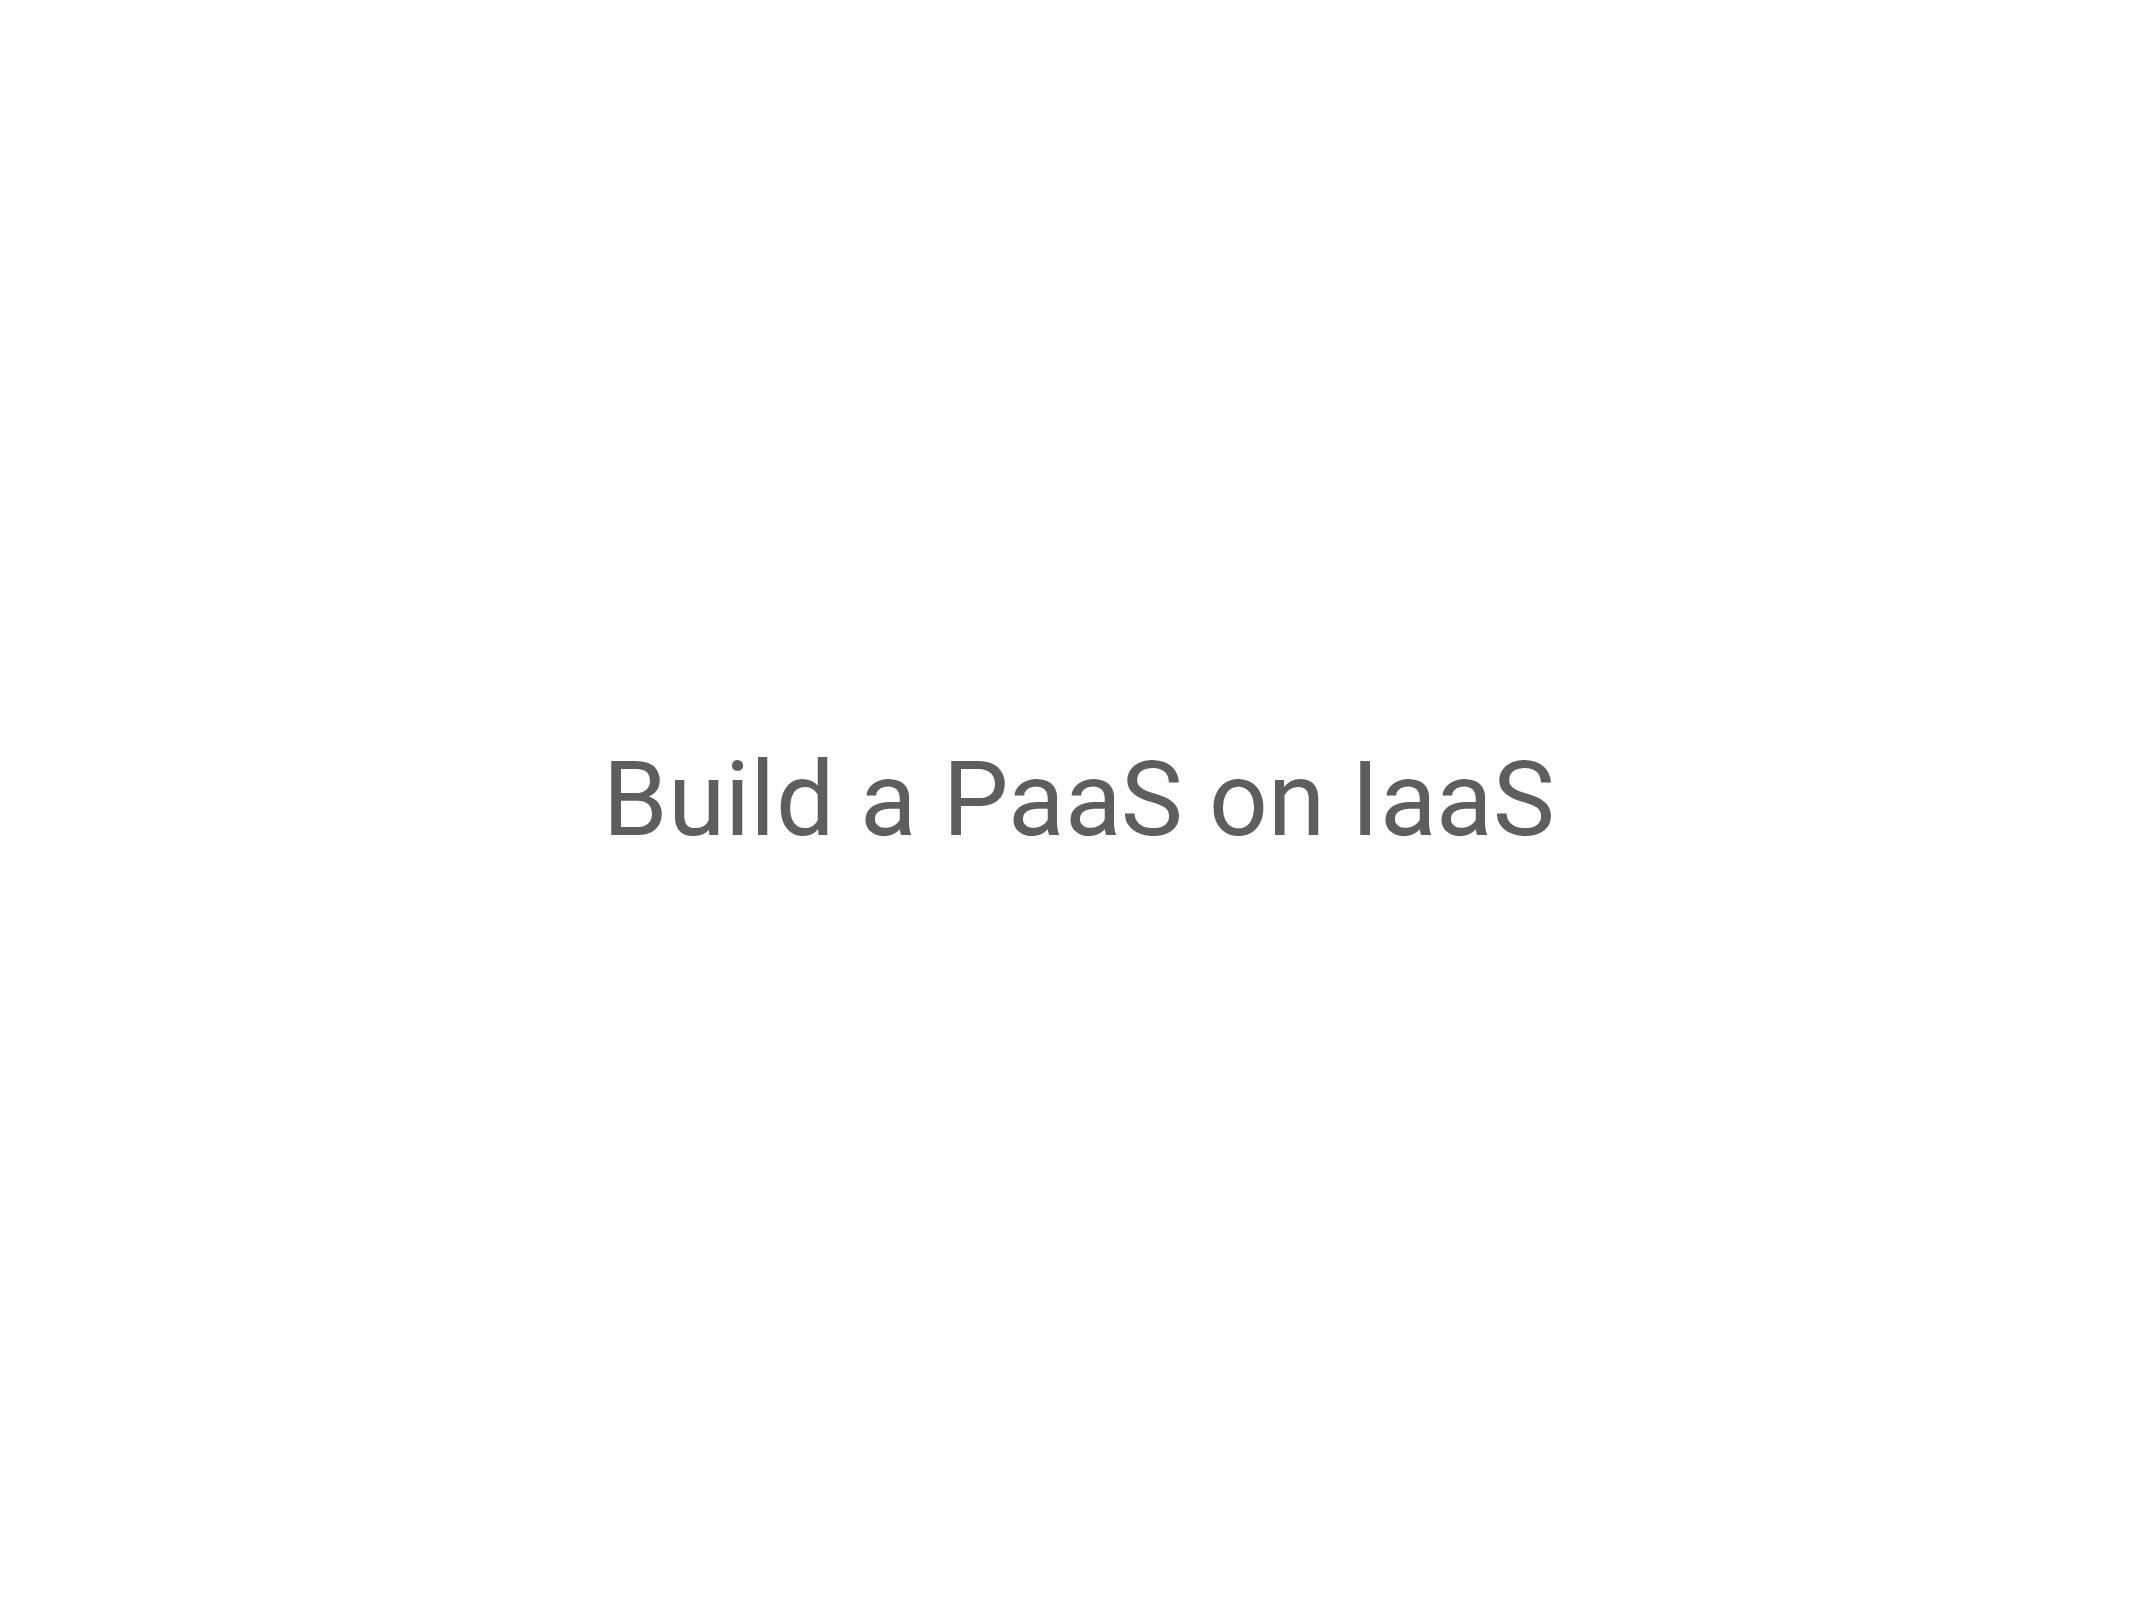 Build a PaaS on IaaS